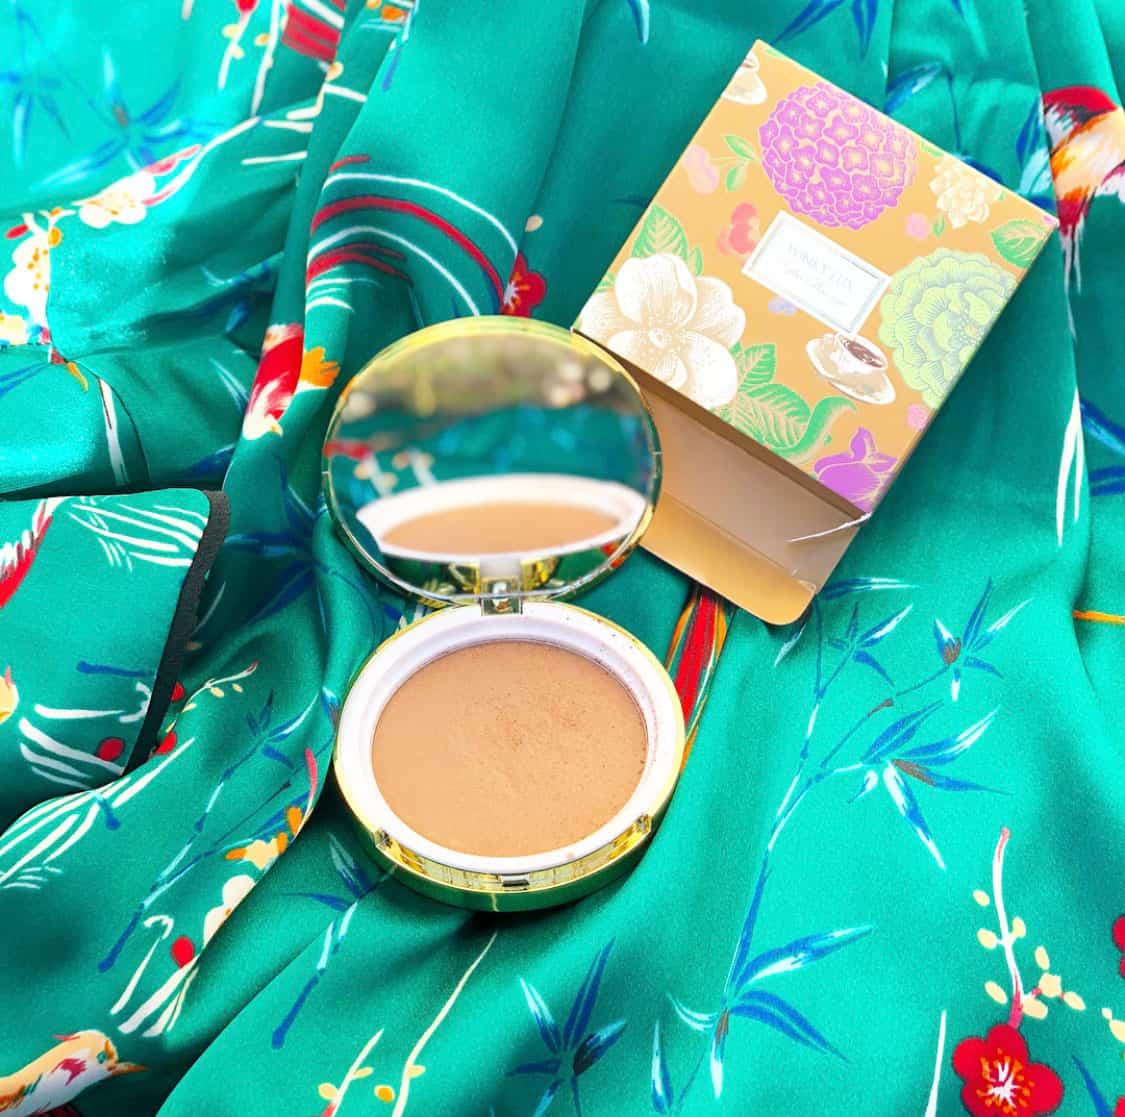 Shaunda Necole x Winky Lux Coffee Bronzer